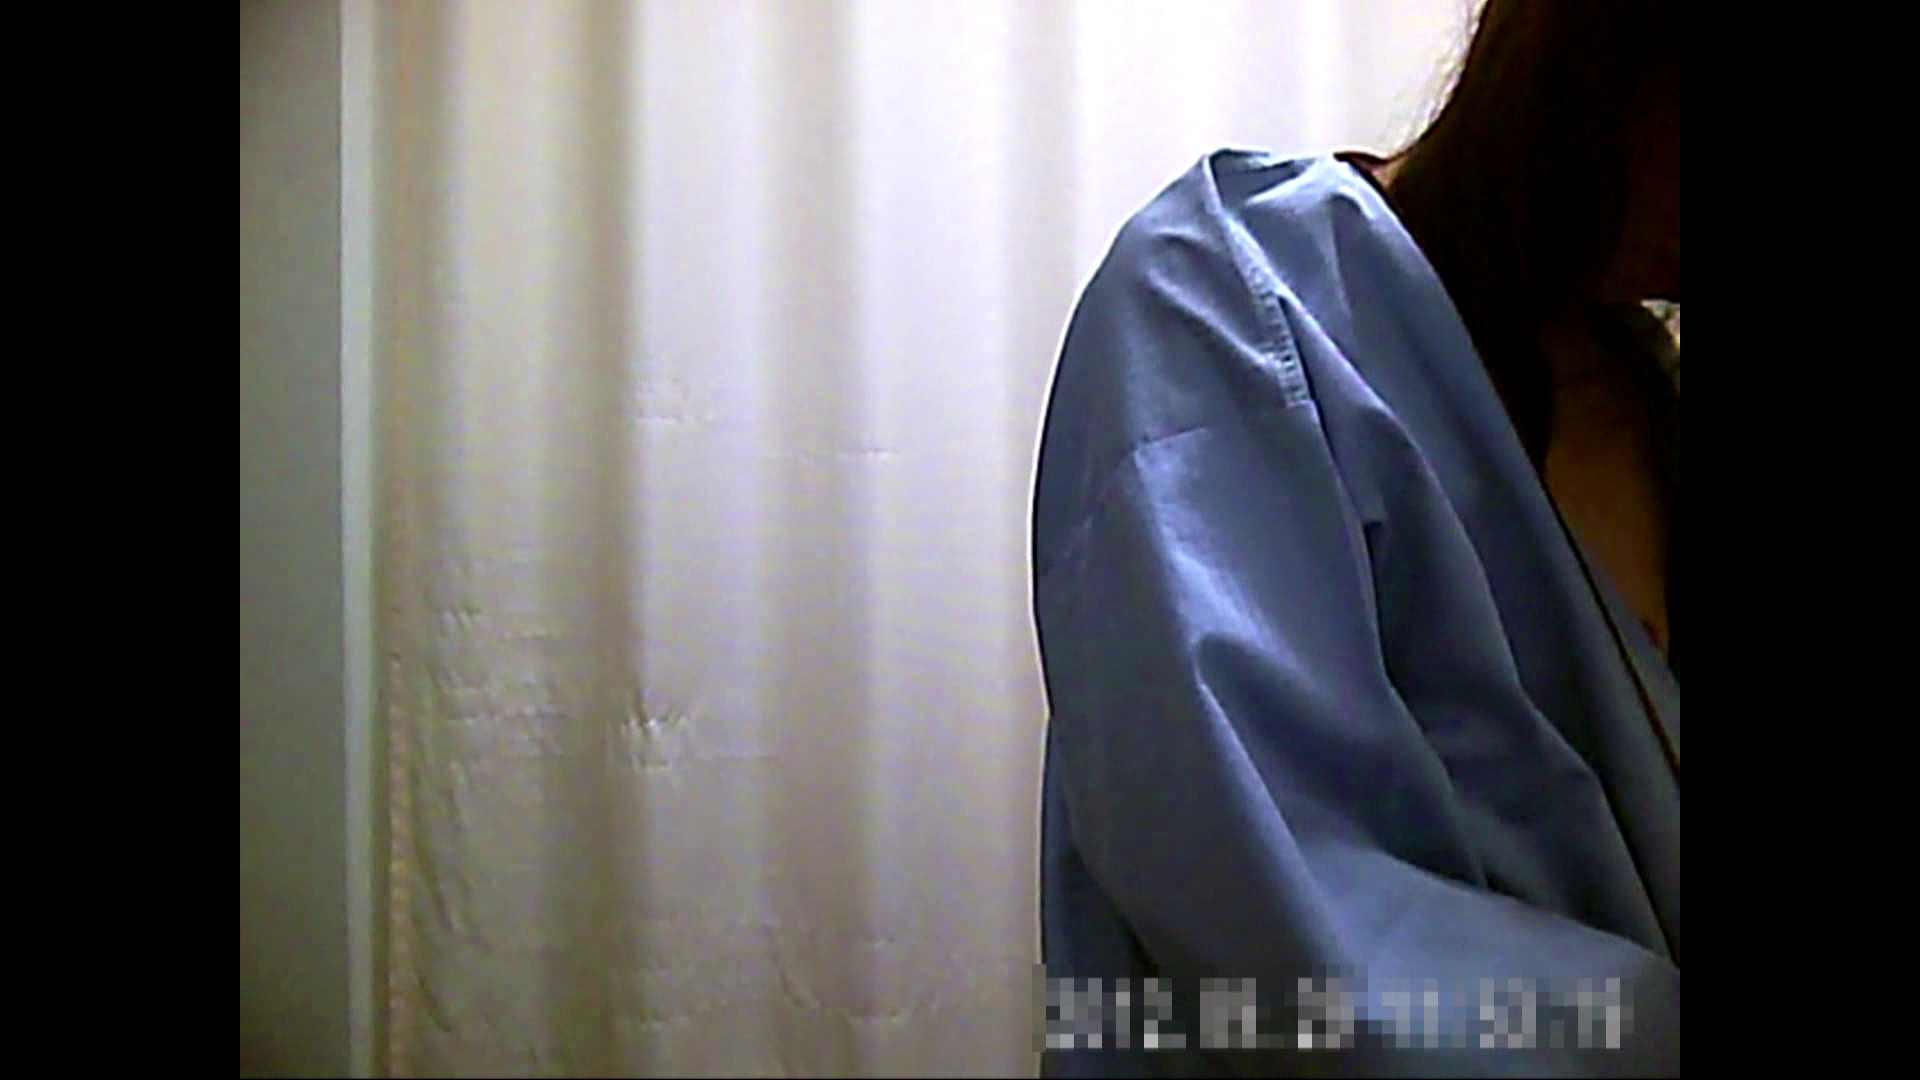 元医者による反抗 更衣室地獄絵巻 vol.072 OL  57pic 57